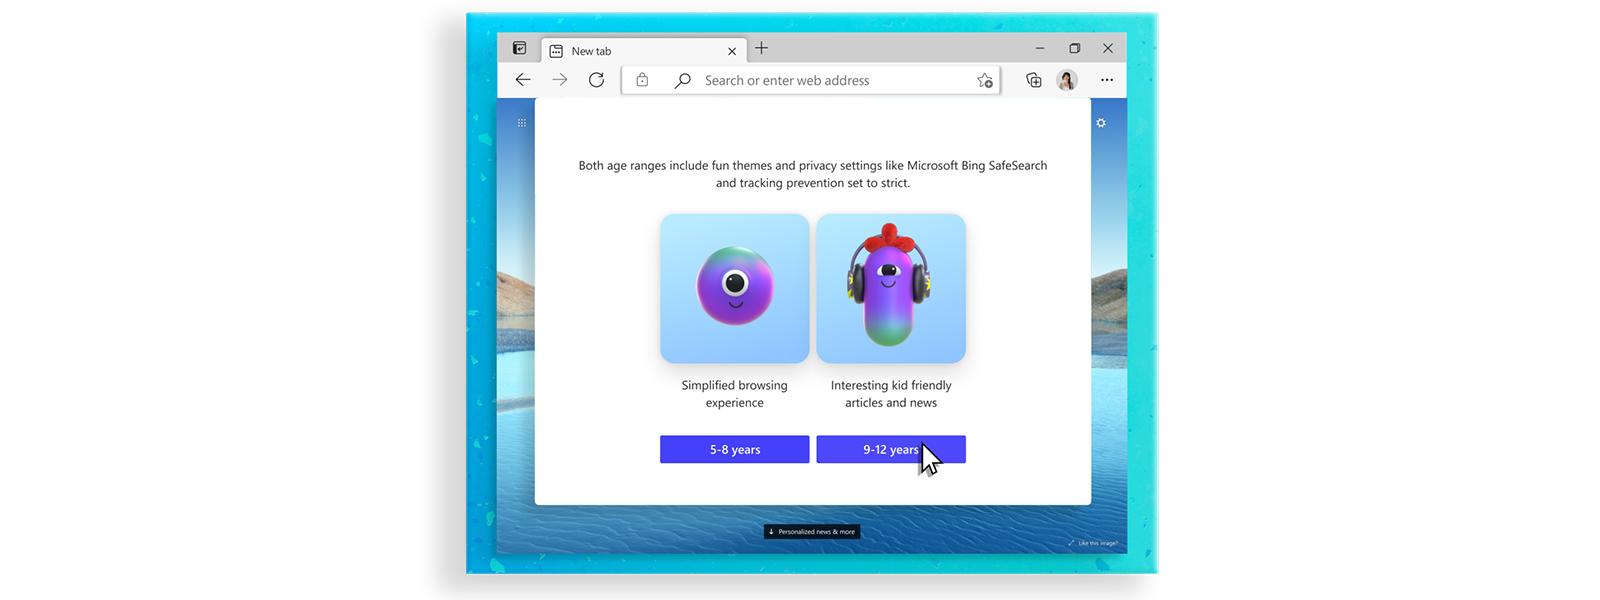 显示儿童模式 Web 选项的 Microsoft Edge 浏览器屏幕